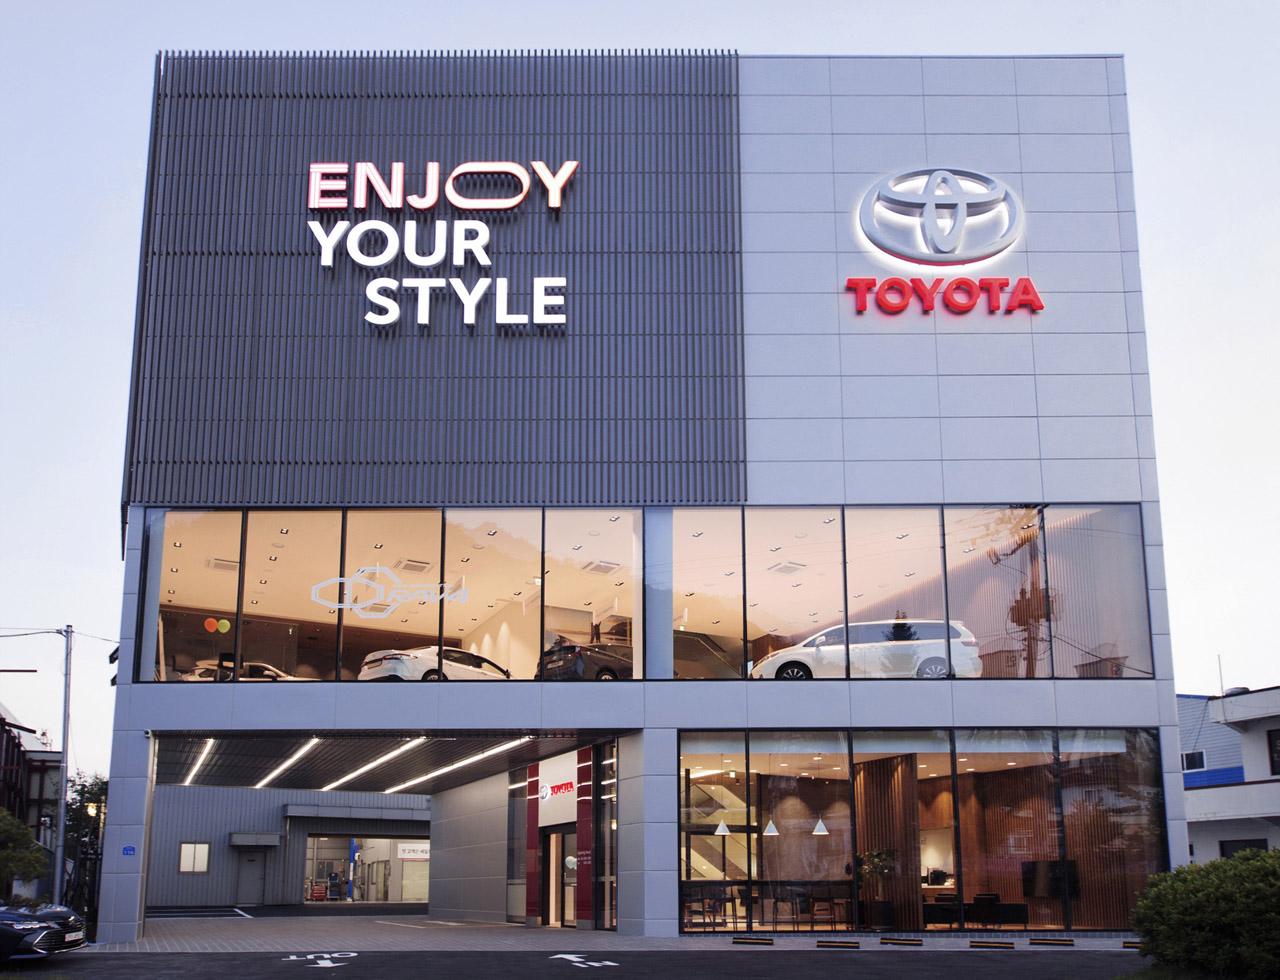 [사진자료] 토요타 코리아, 토요타 창원 전시장 확장 이전 및 서비스센터 신규 오픈 (1)